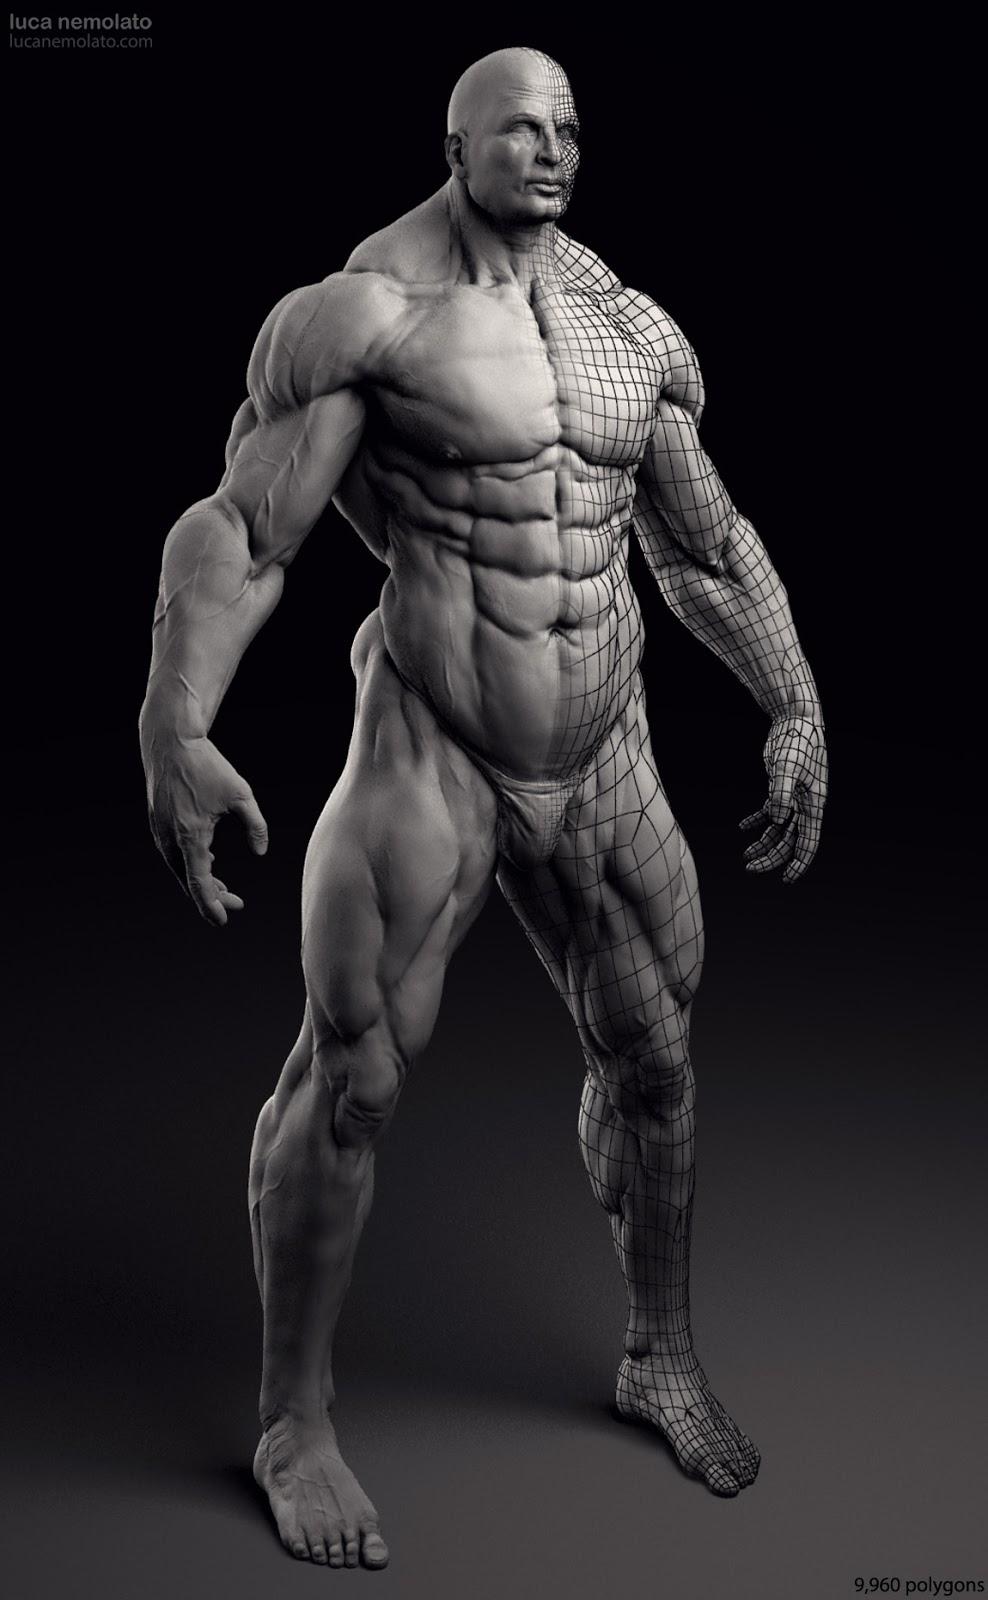 Extreme Bodybuilder - vray renders | Luca Nemolato